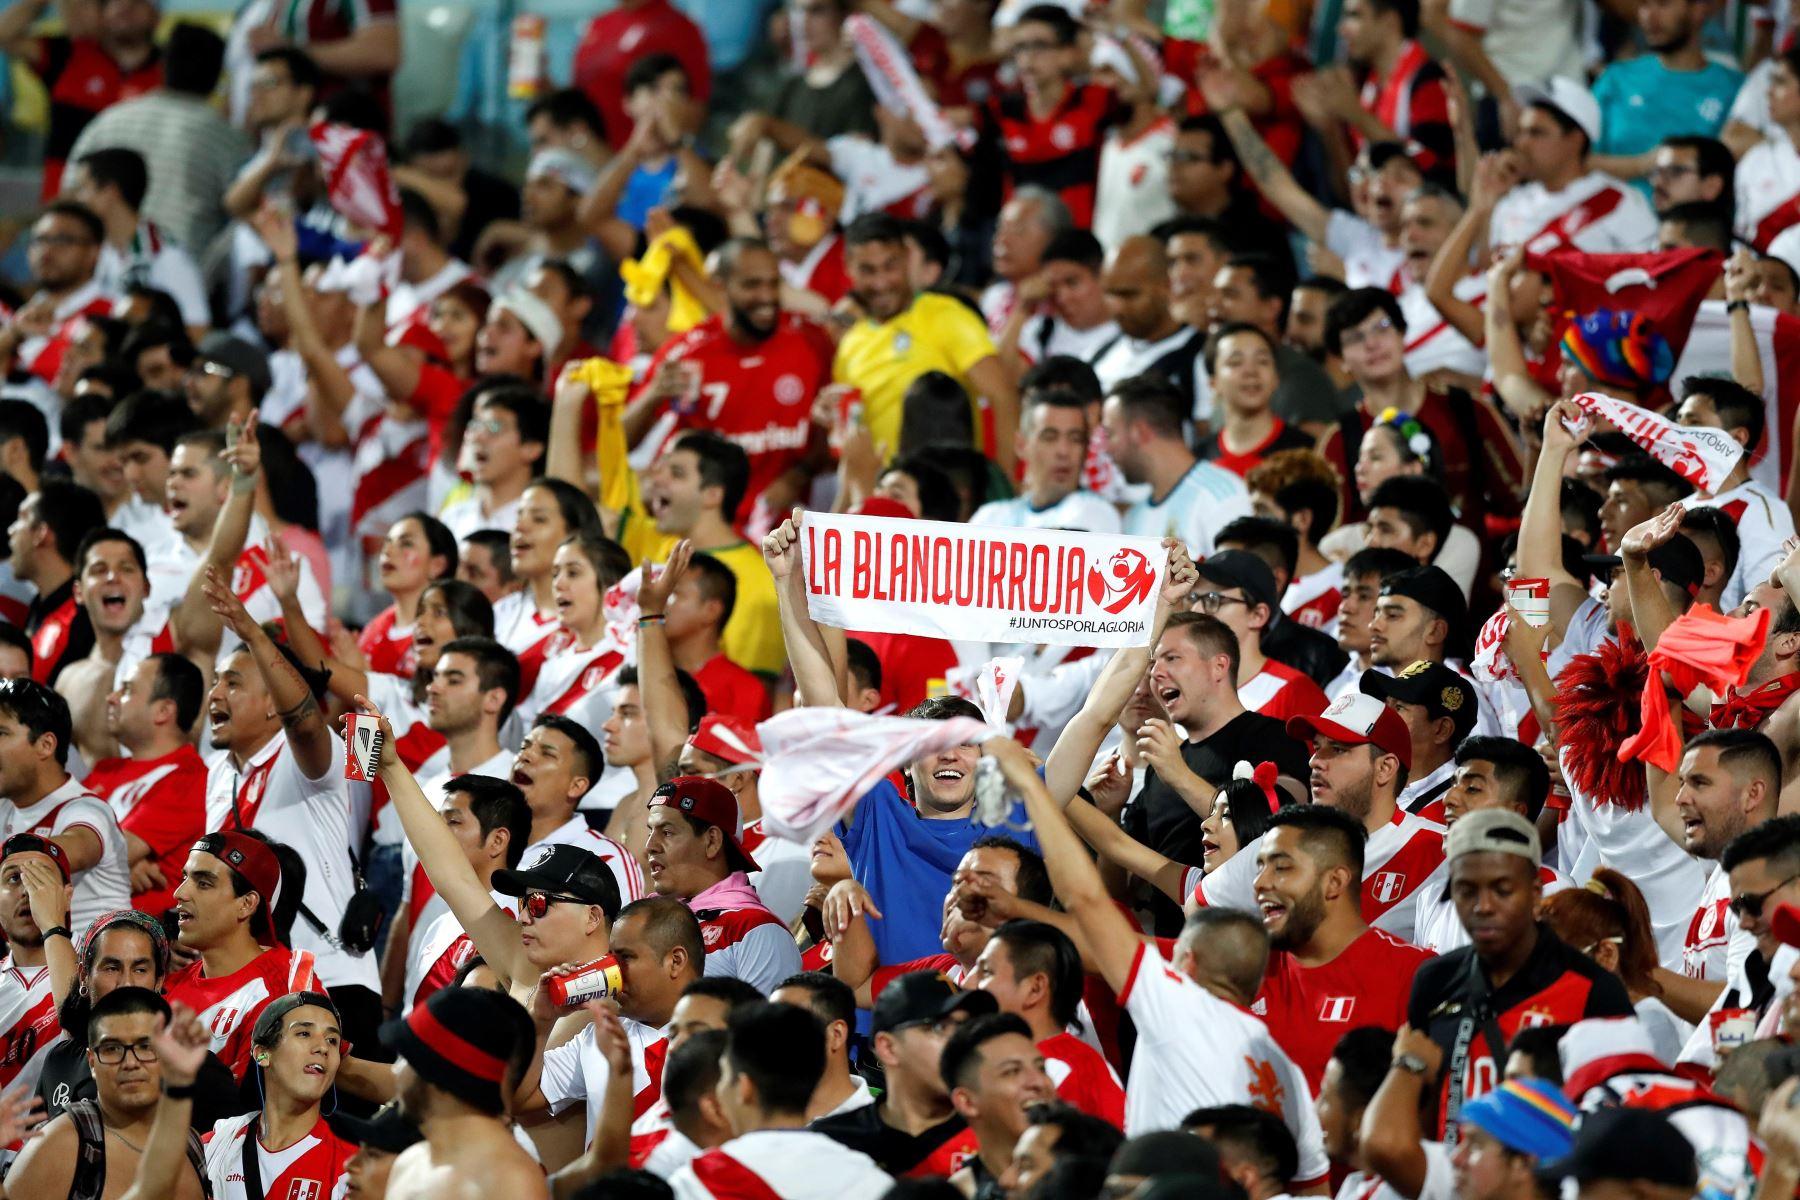 Hinchas peruanos celebran un gol durante el partido Bolivia-Perú del Grupo A de la Copa América de Fútbol 2019, en el Estadio Maracanã de Río de Janeiro.Foto: EFE